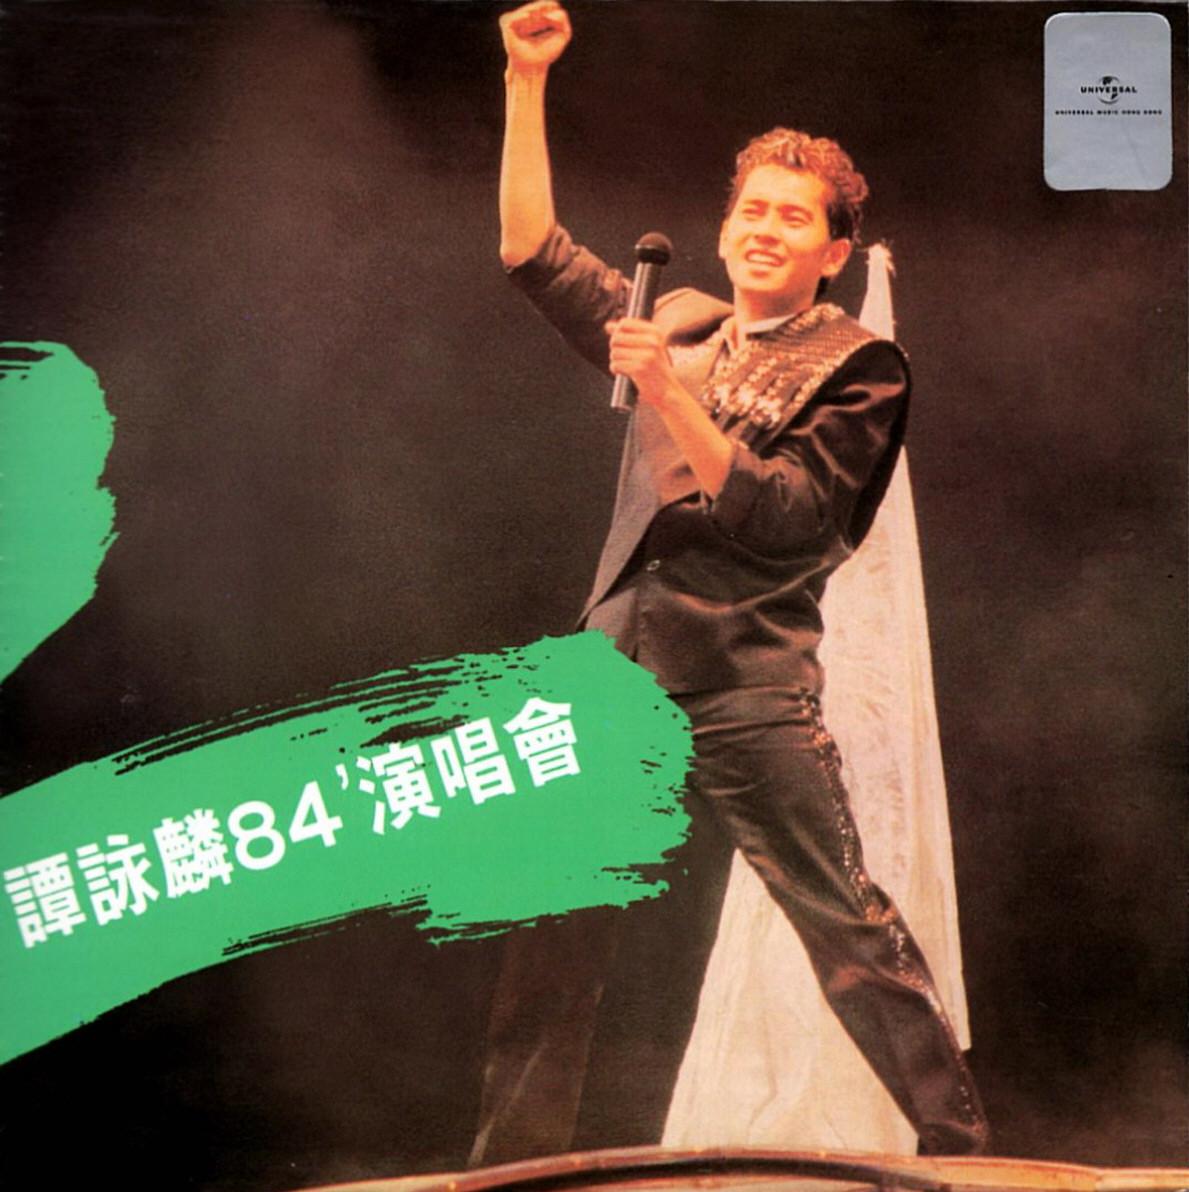 [1984-12-19] 谭咏麟 84演唱会